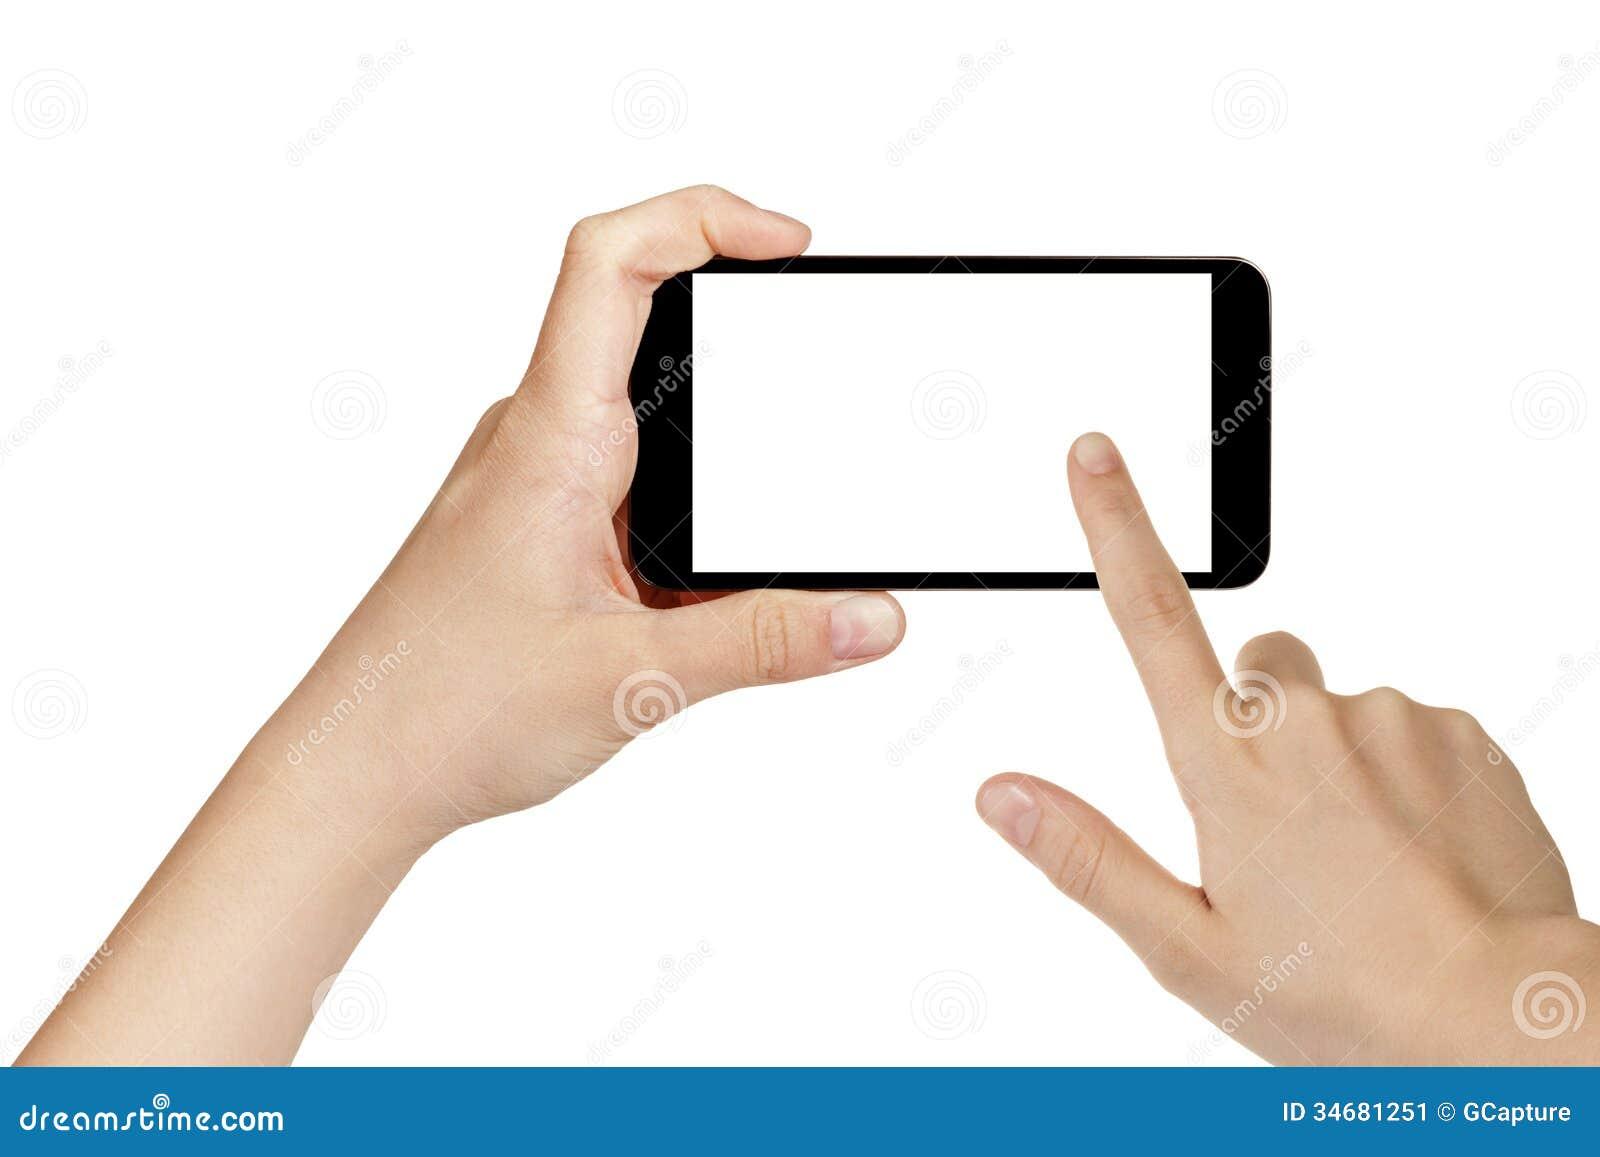 Manos adolescentes femeninas usando el teléfono móvil con la pantalla blanca